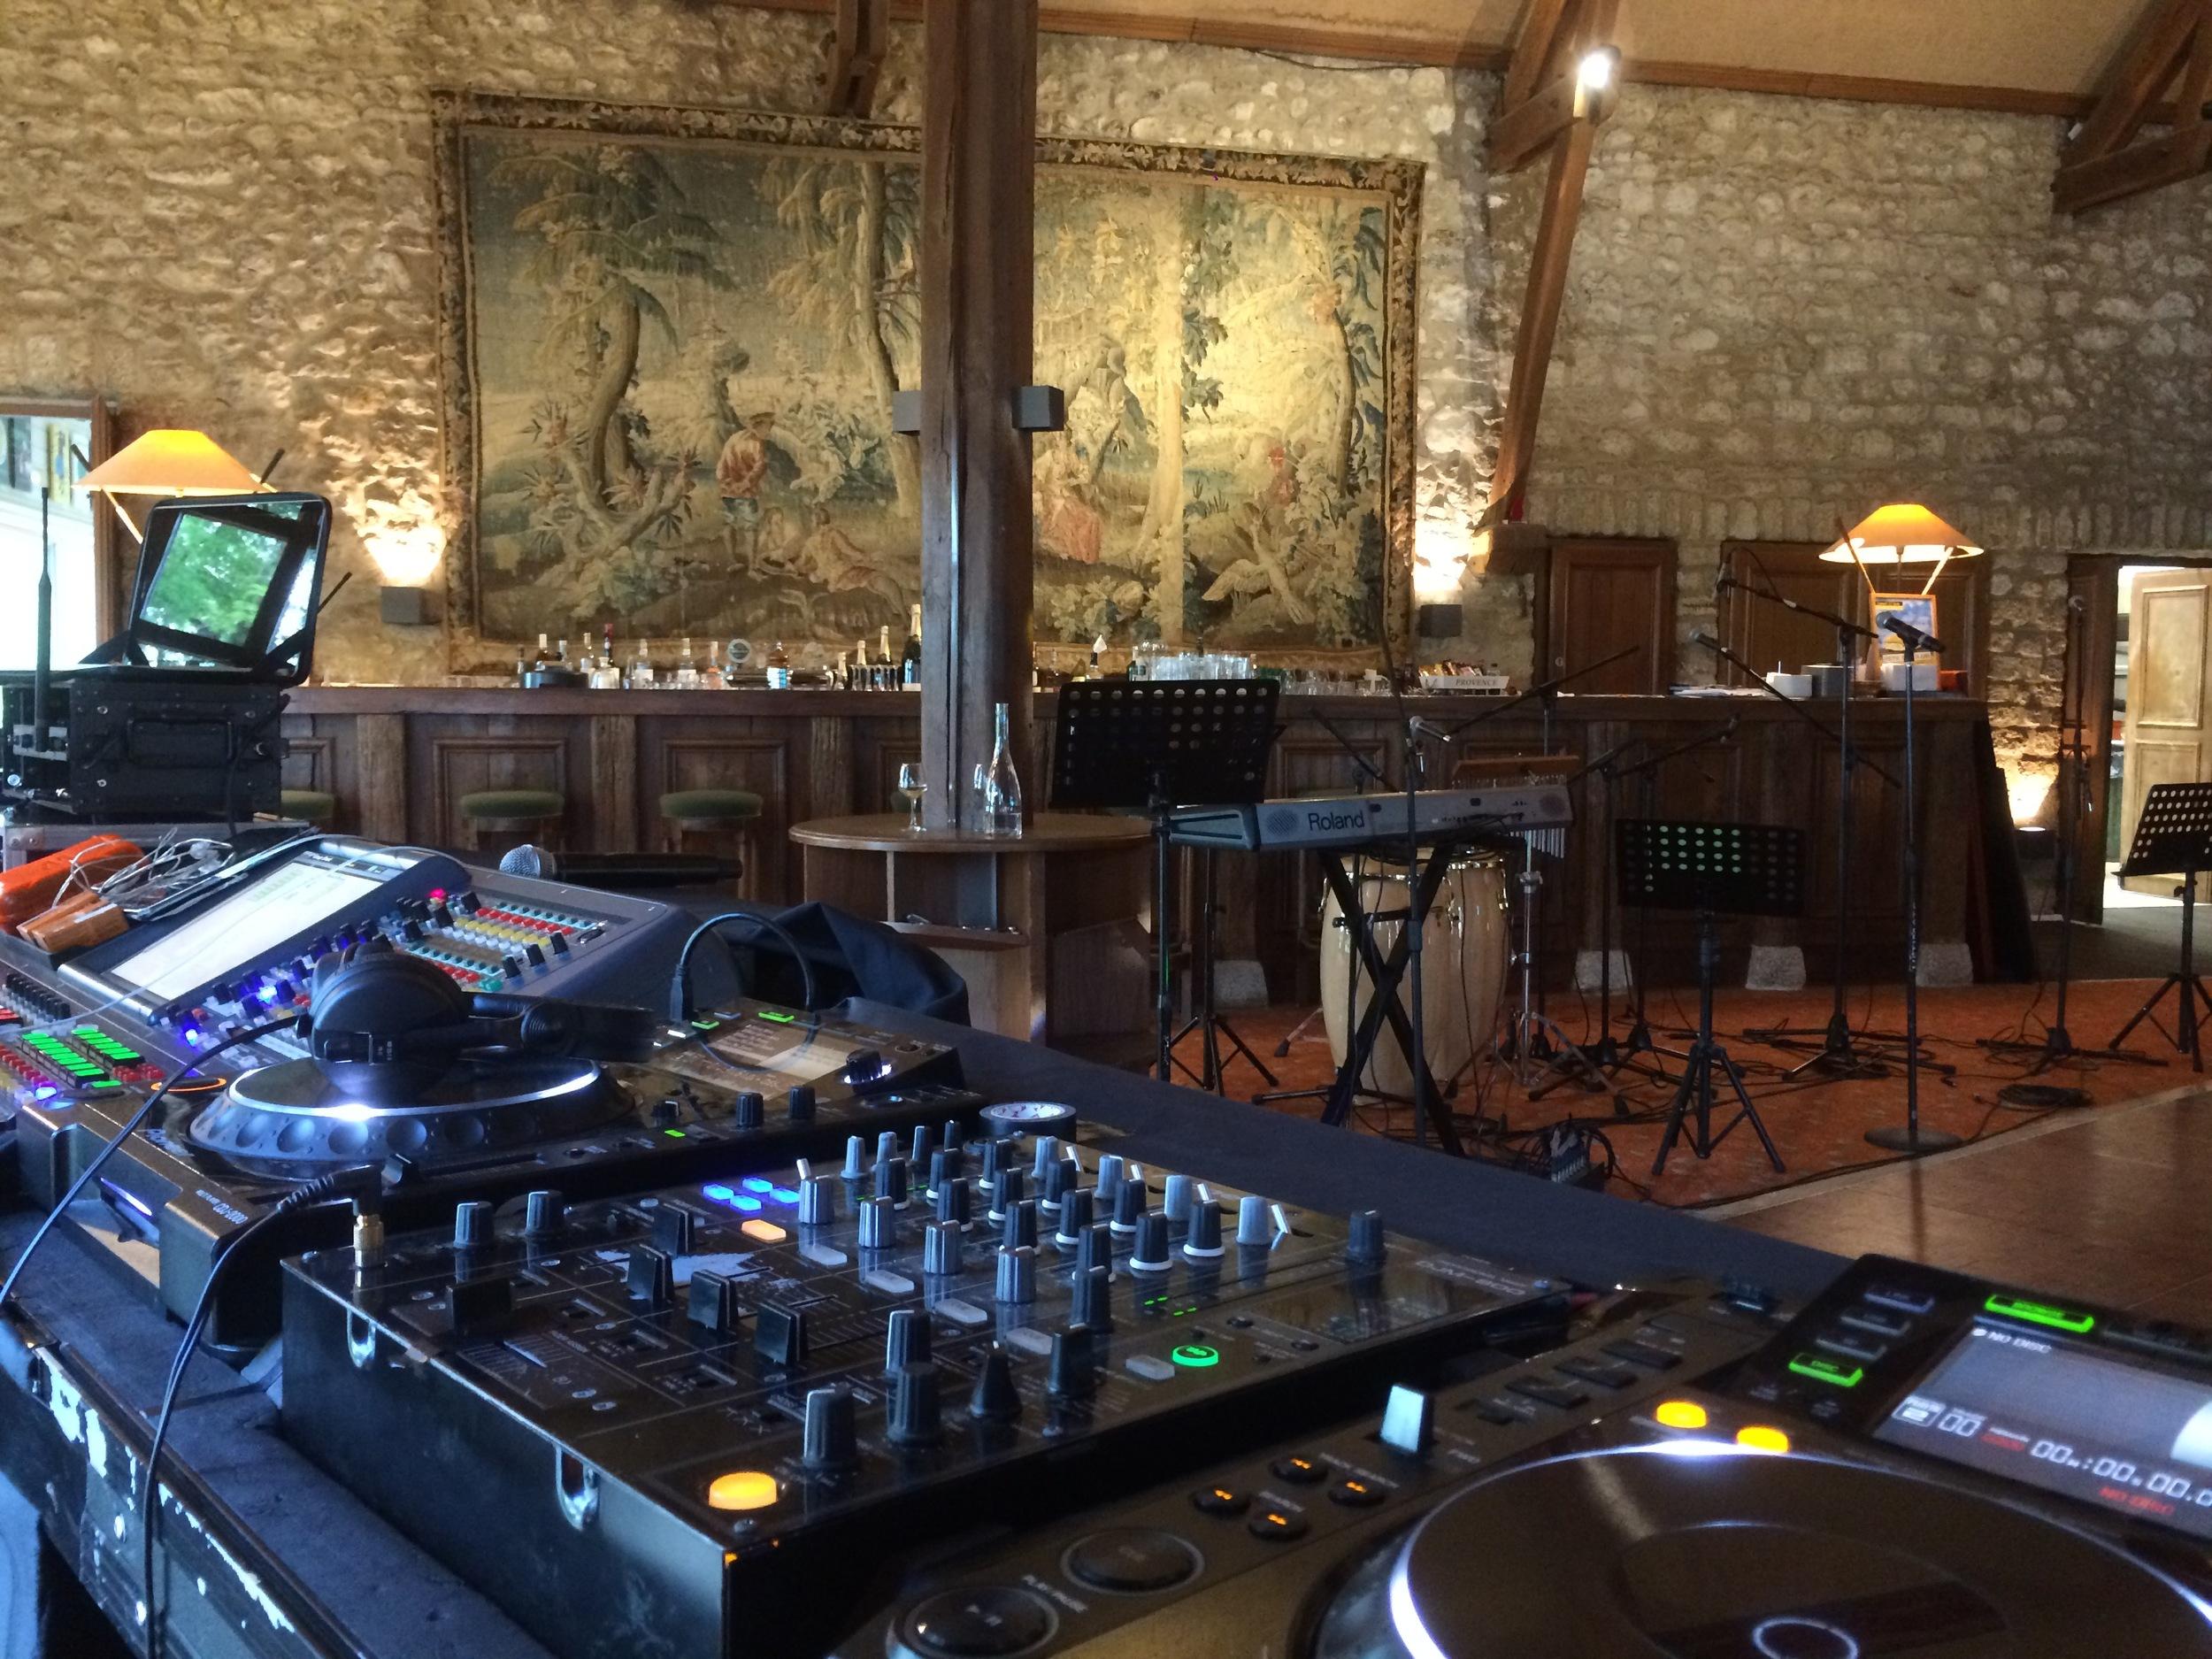 25 Juin 2016 Golf de Saint-Nom-la-Bretèche, montage technique pour sonorisation du groupe Cocobamboo & enchainement avec un Set DJ.